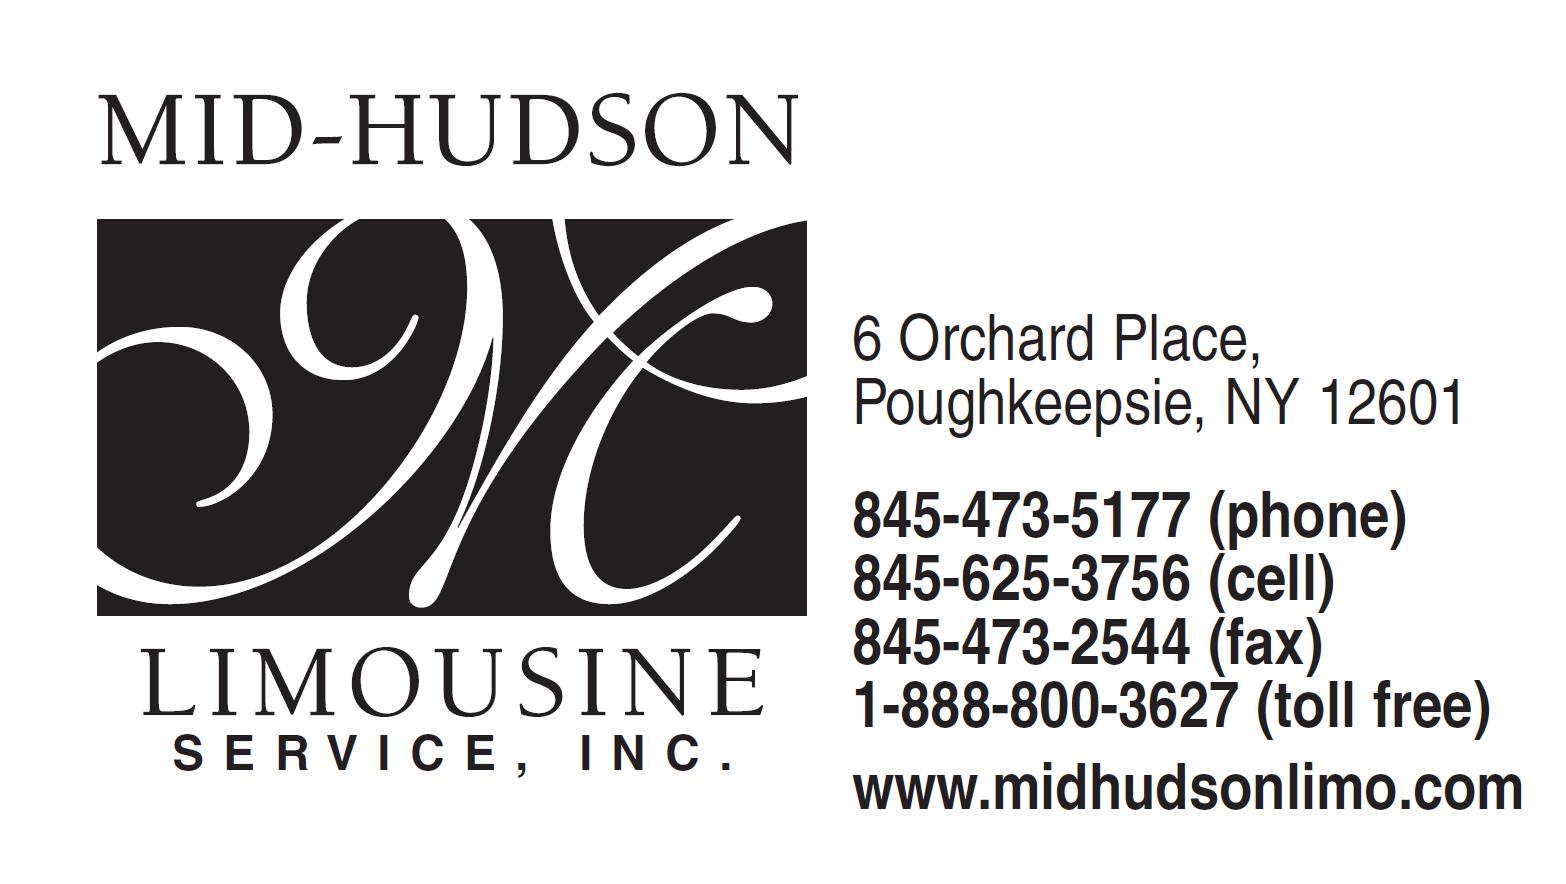 Mid-Hudson Limousine Service, Inc.